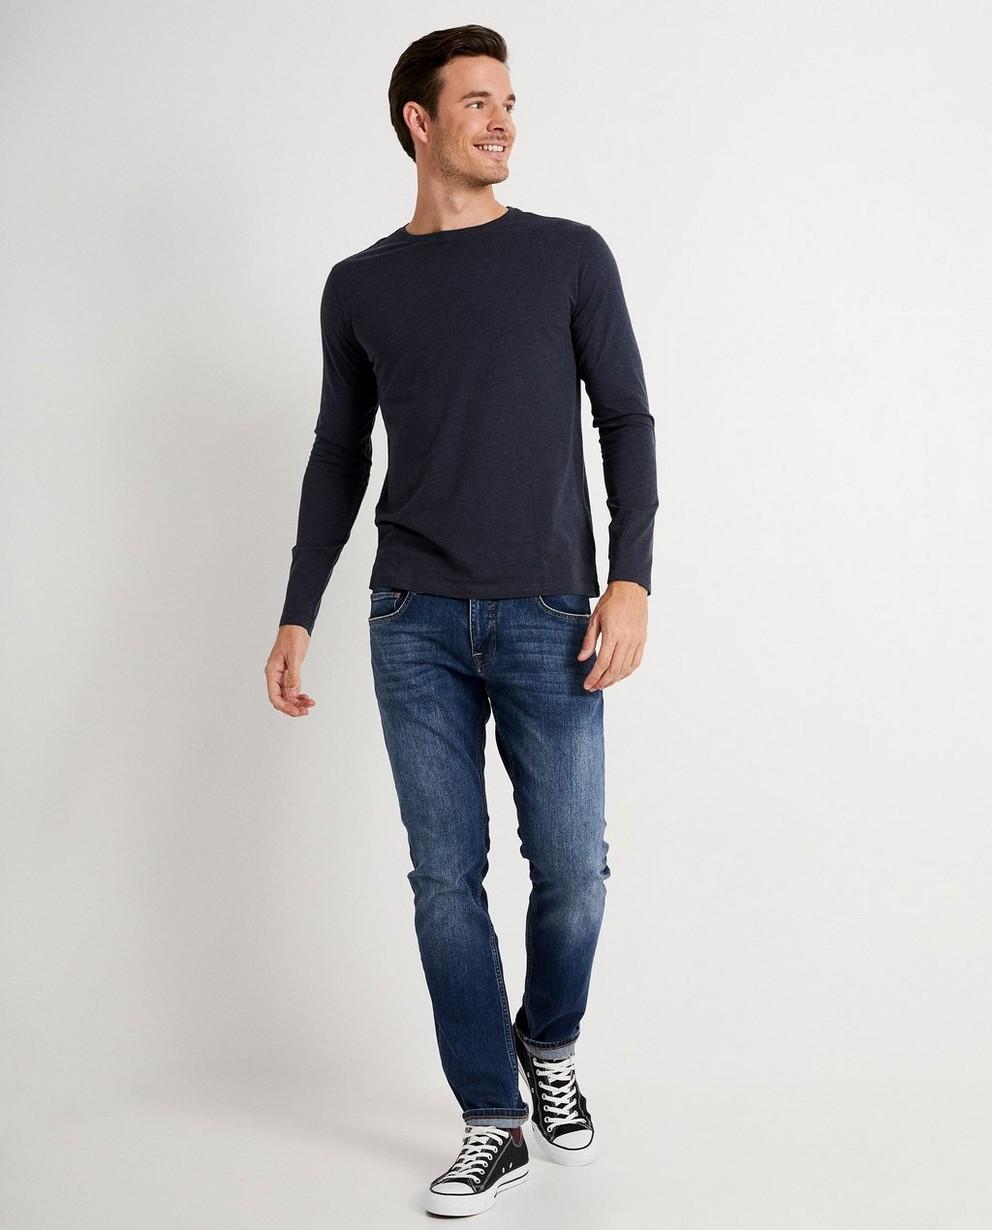 T-shirt à longues manches - uni, en coton bio - JBC